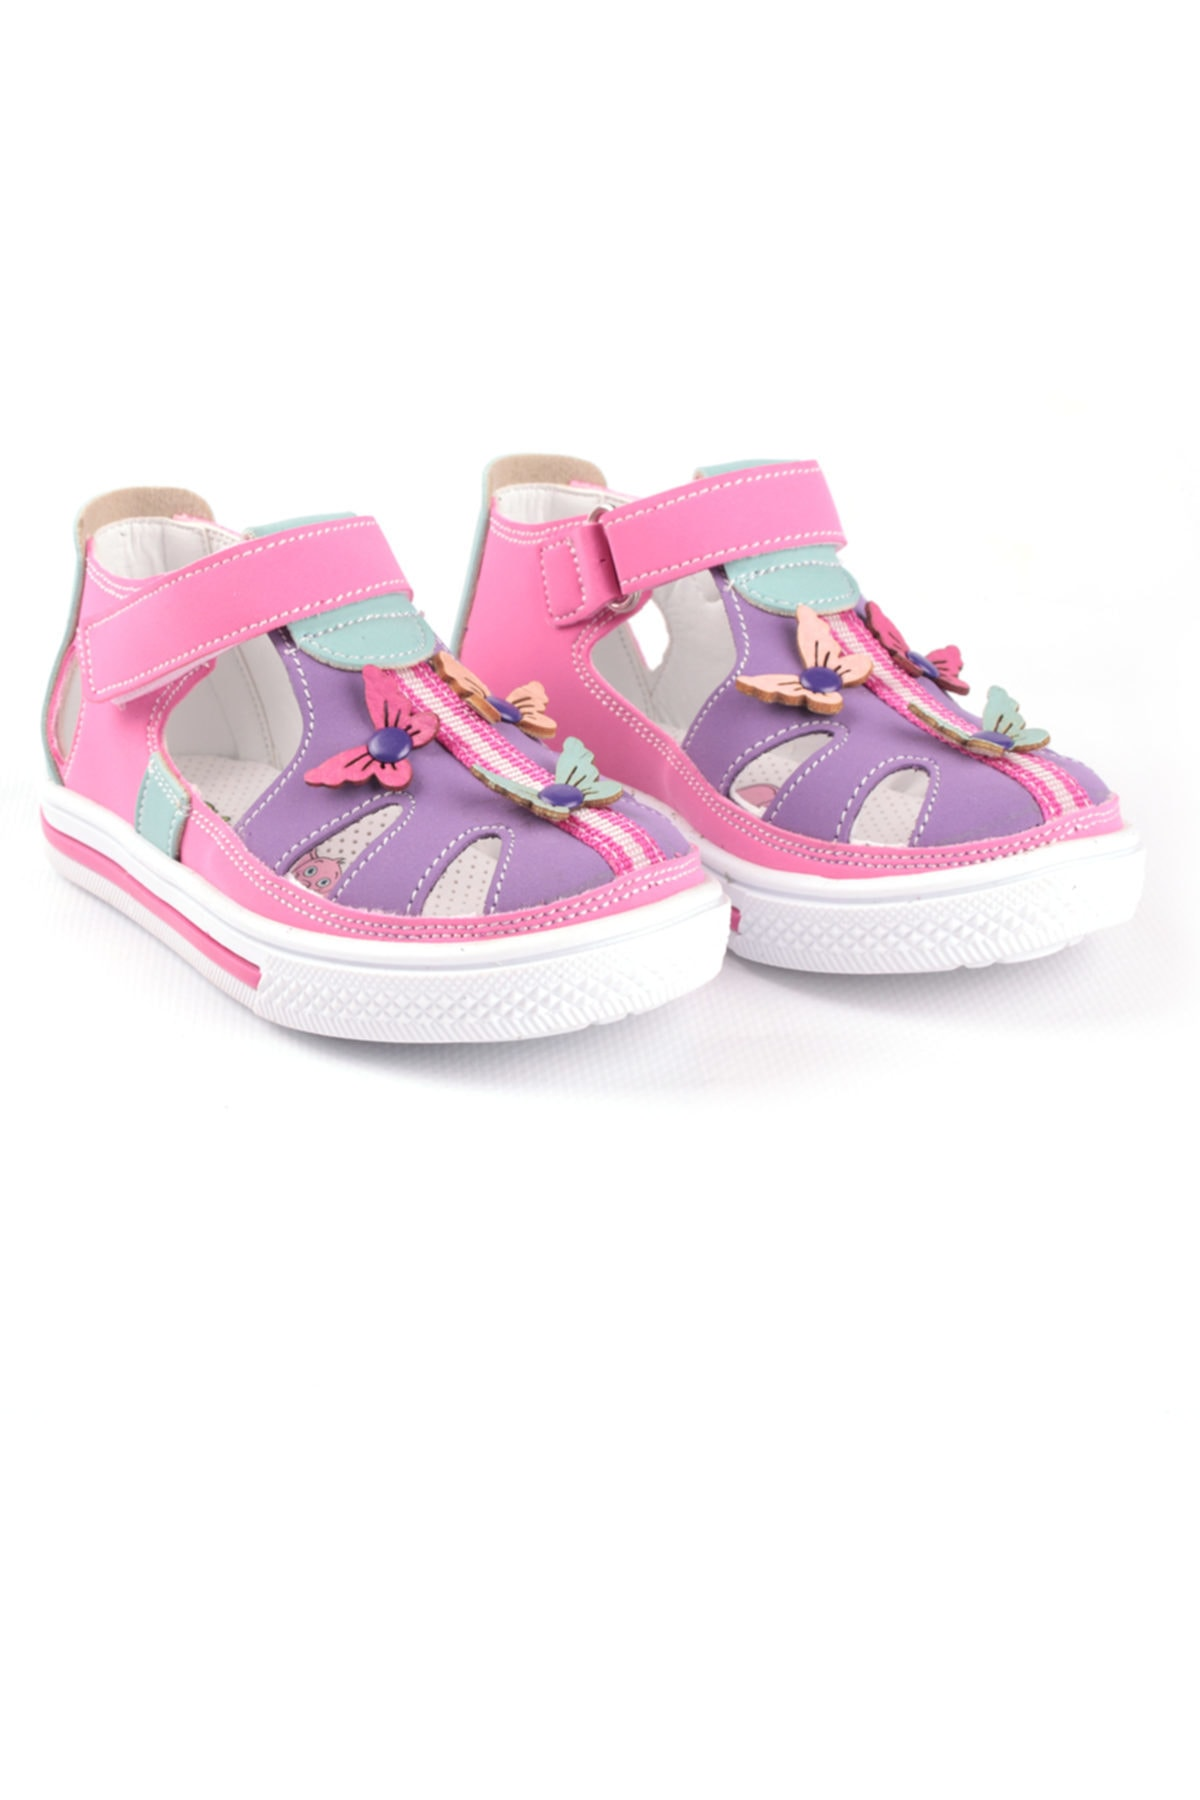 Şirin Bebe Kız Çocuk Kelebekli Kapalı Ayakkabı 1